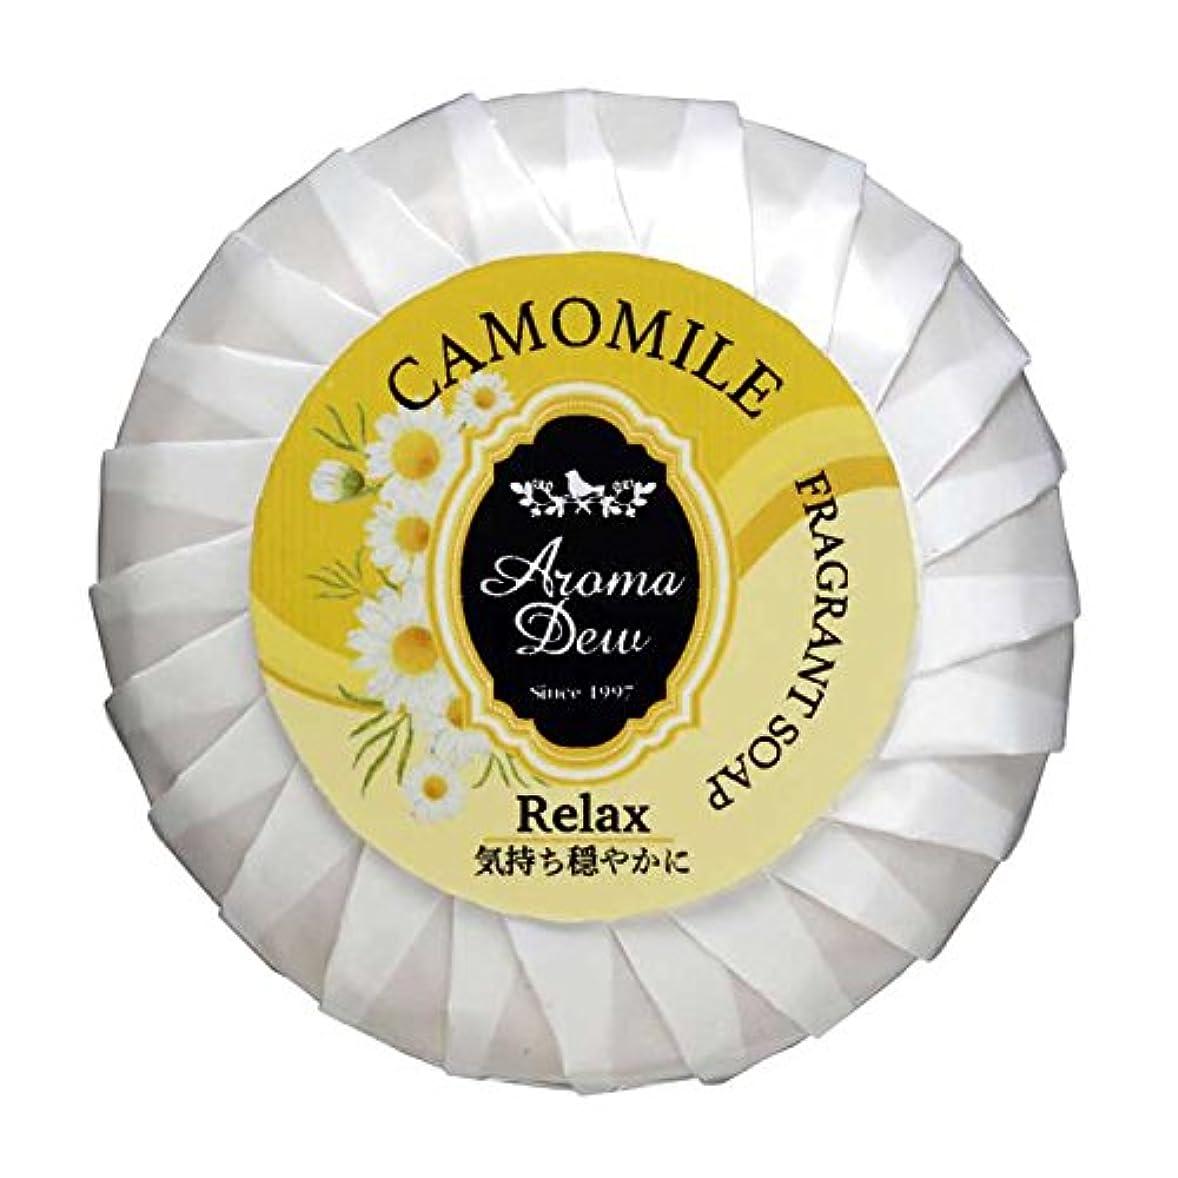 レタスフィクション悔い改めアロマデュウ フレグラントソープ カモミールの香り 100g